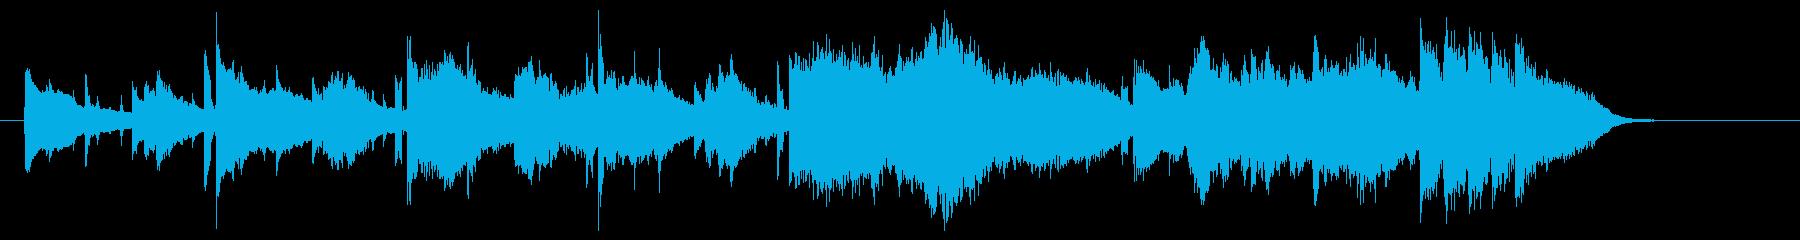 ゆったりとまろやかなバイオリンジングルの再生済みの波形